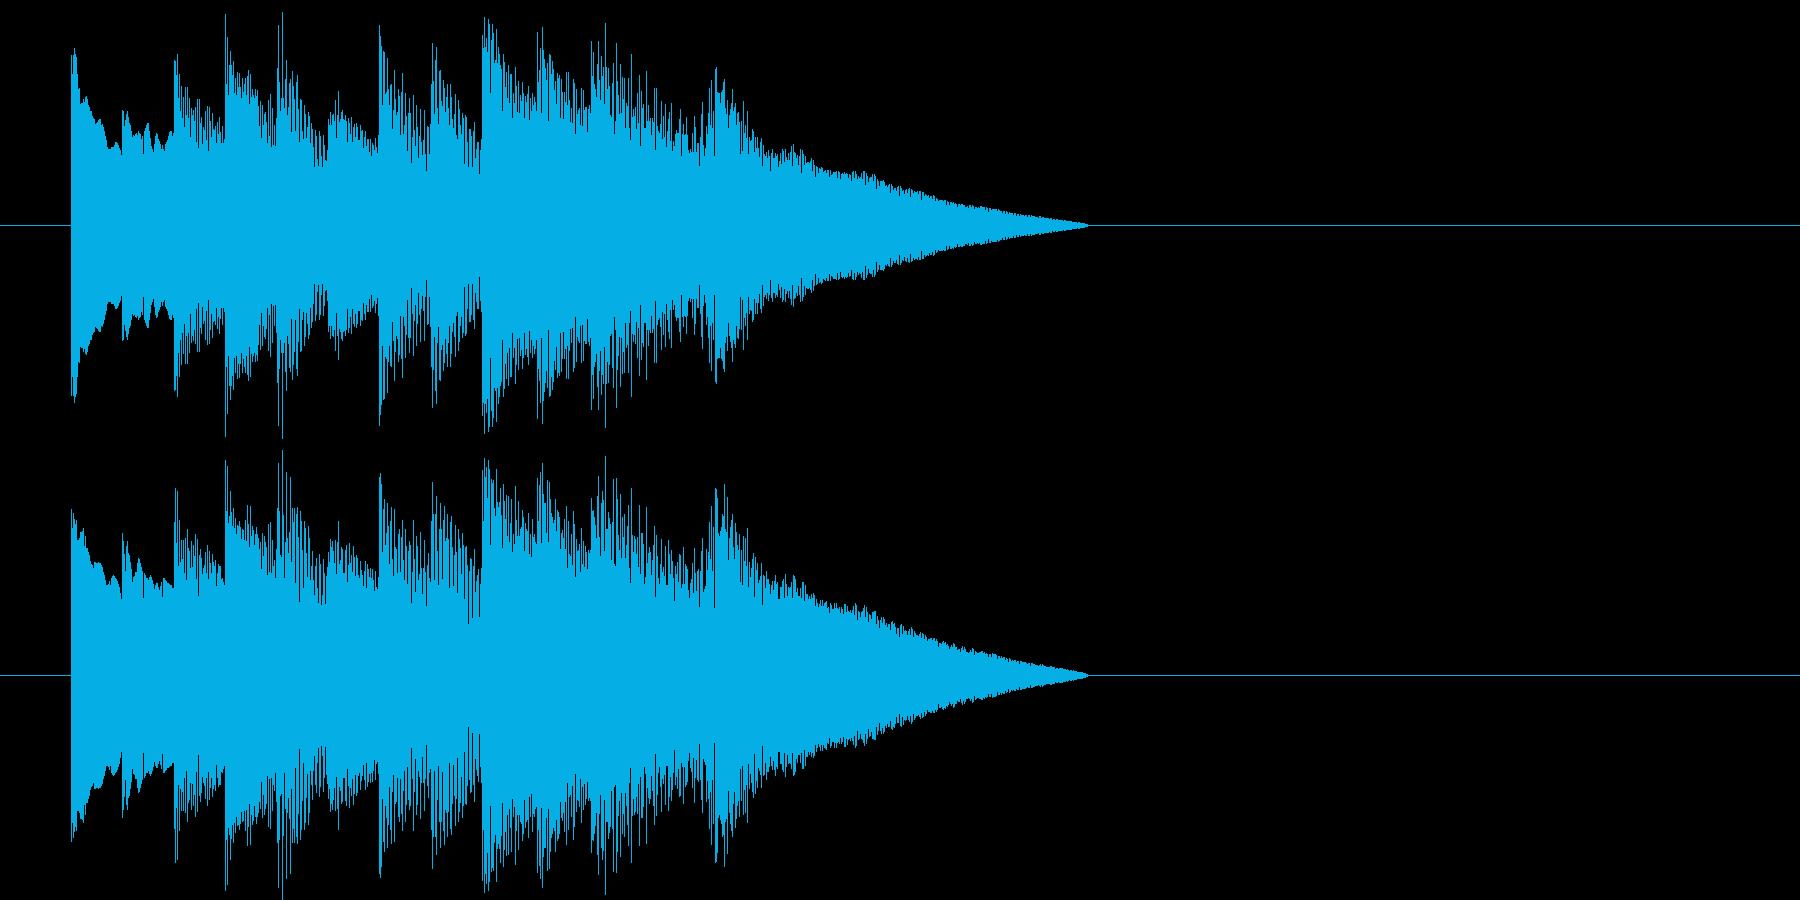 オルゴールによる場面転換・アイキャッチの再生済みの波形